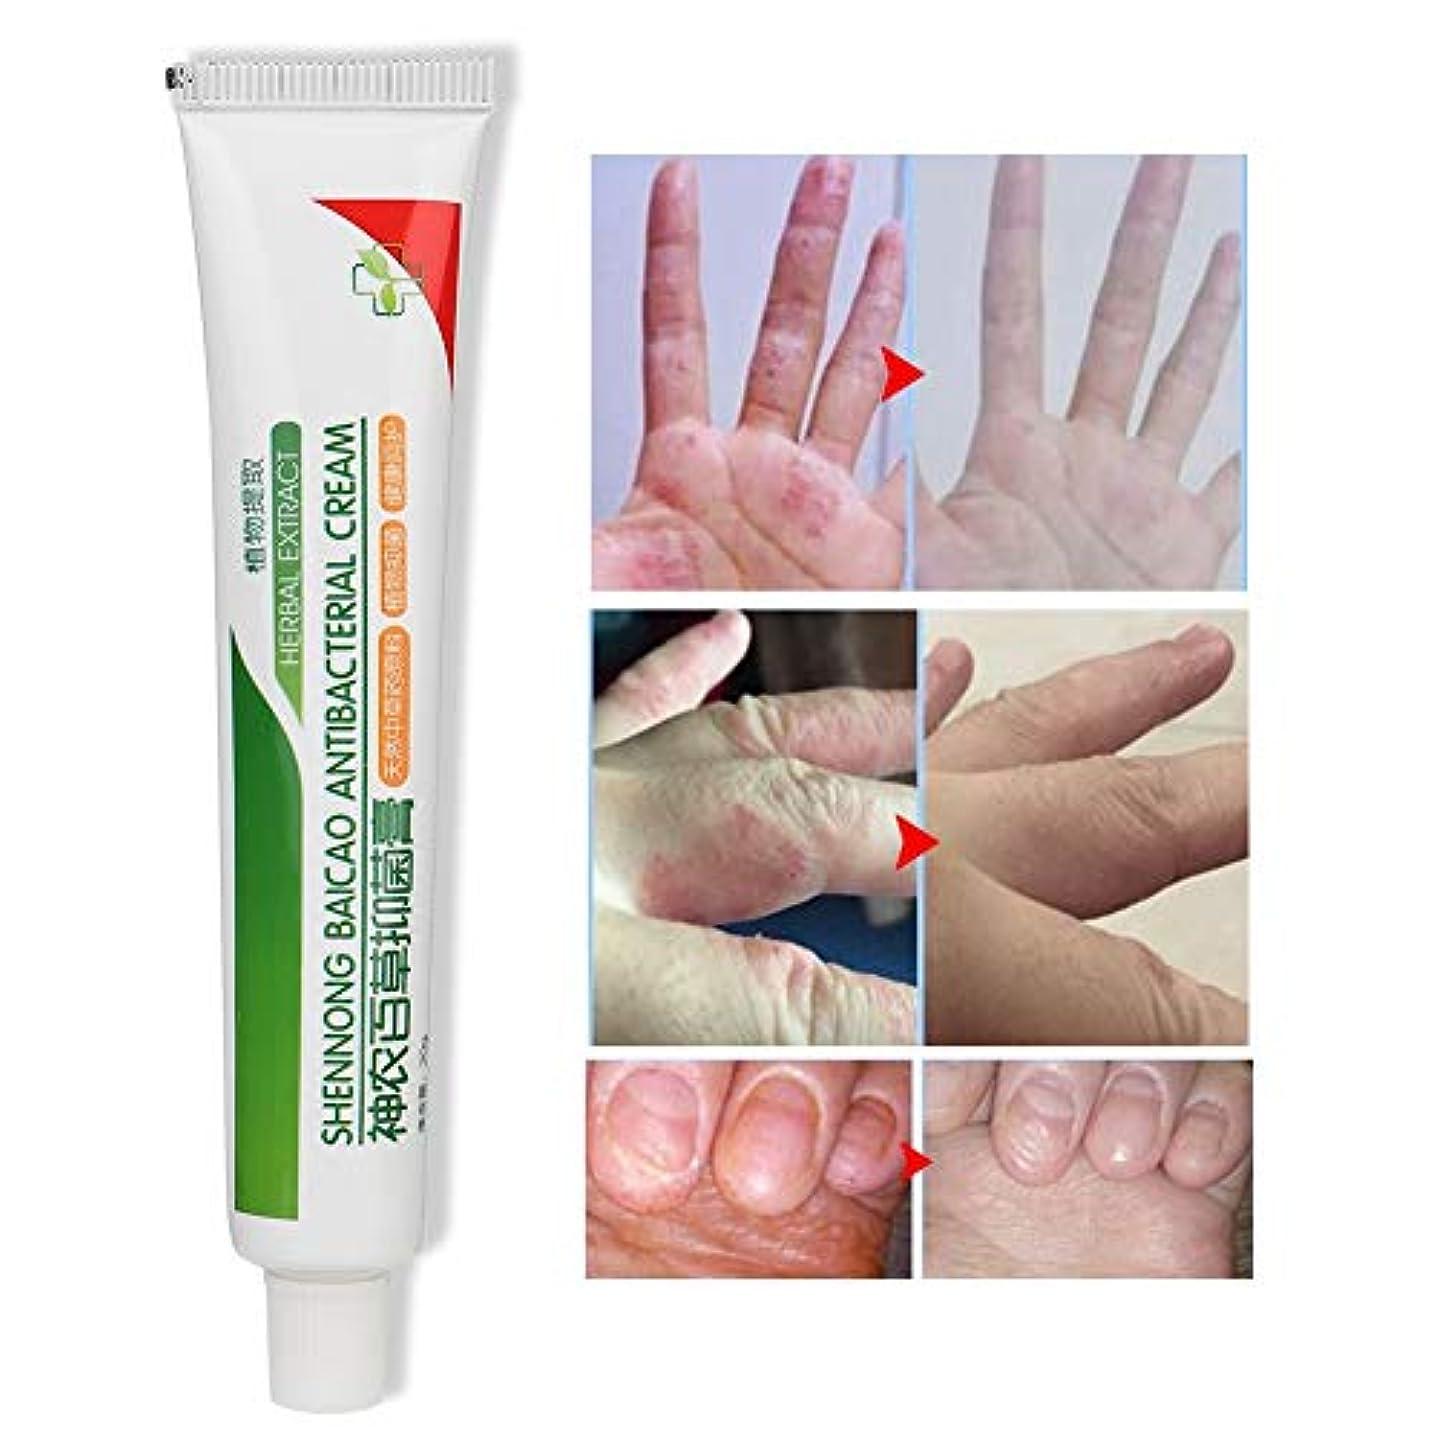 最後のずらすサスティーン皮膚軟膏のリペアクリームリリーフ掻uri症皮膚アレルギー蚊かみ傷乾燥ひび割れ皮植物クリーム20g